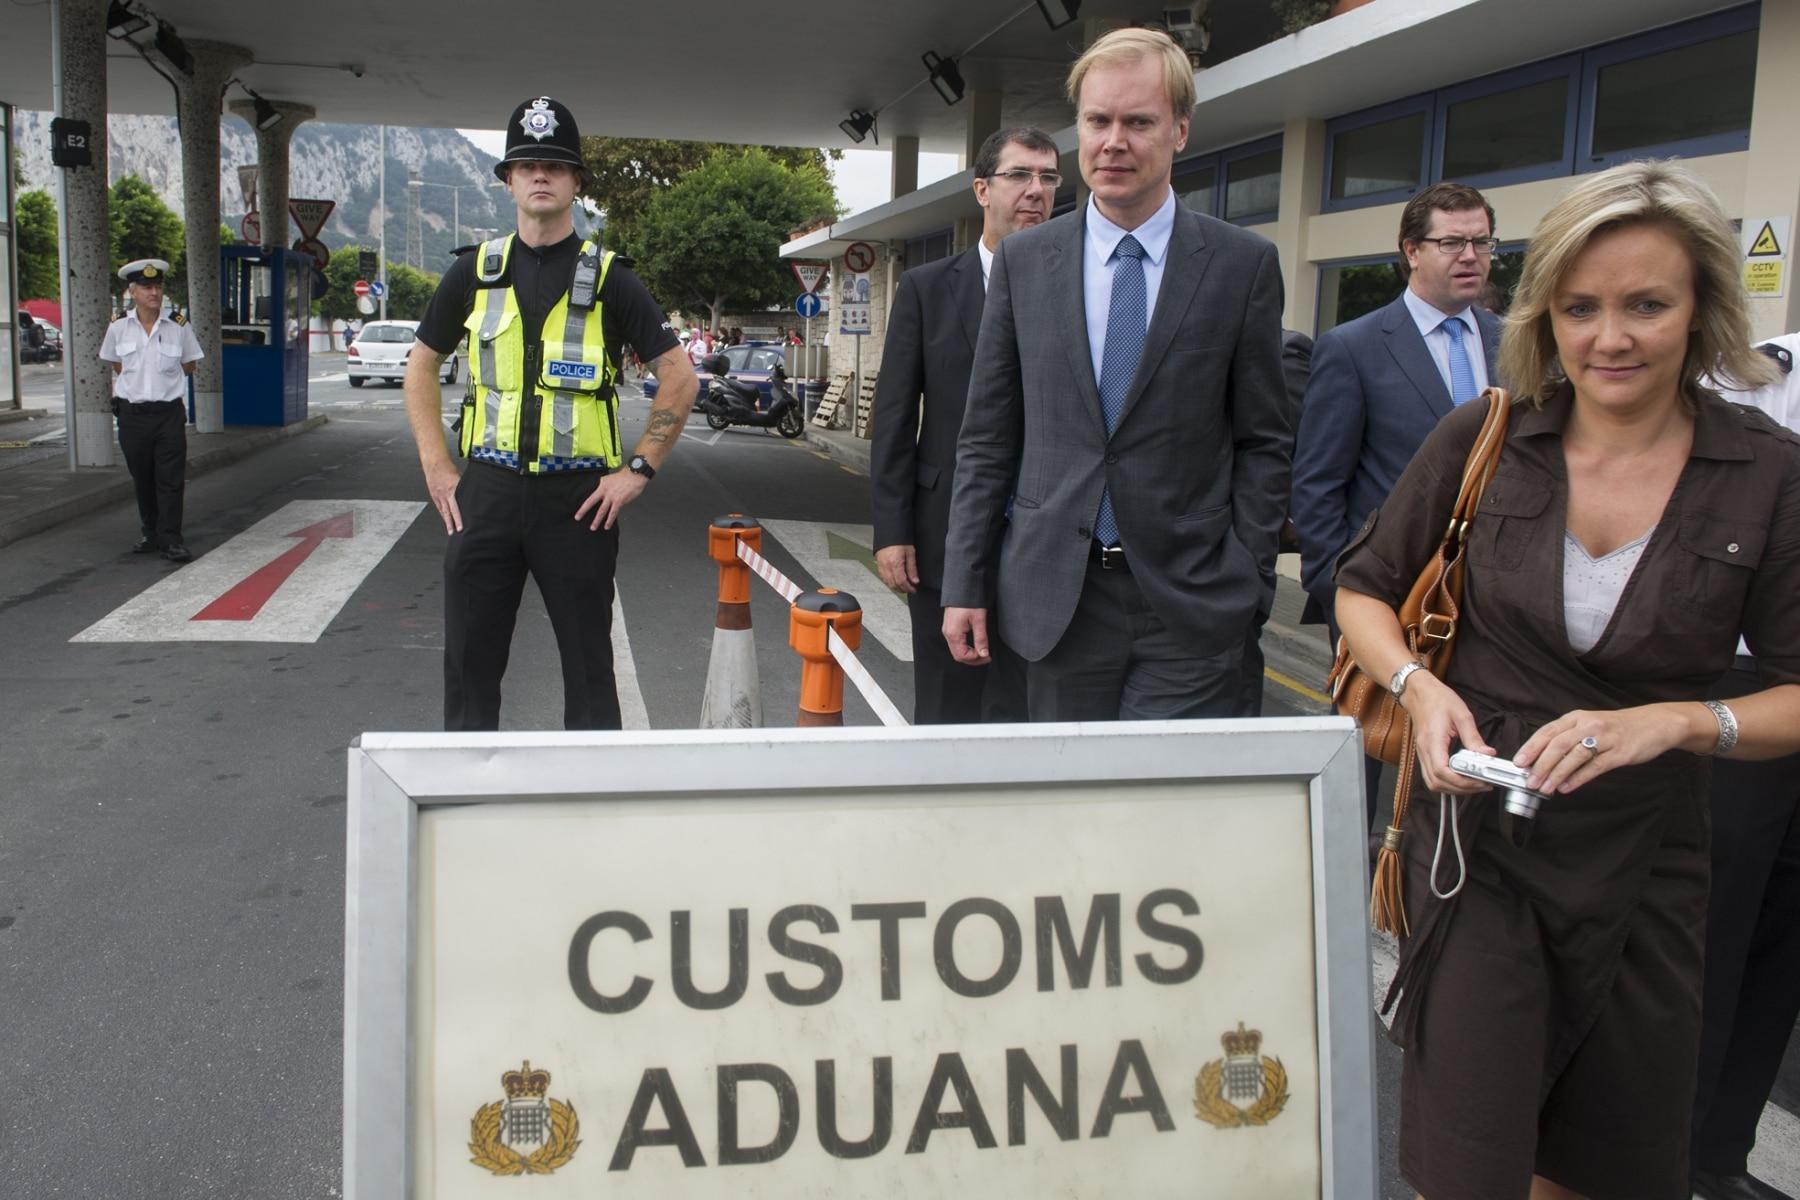 Gibraltar, 25 septiembre 2013. Miembros de la Comisión Europea salen de la aduana peatonal gibraltareña. MARCOS MORENO